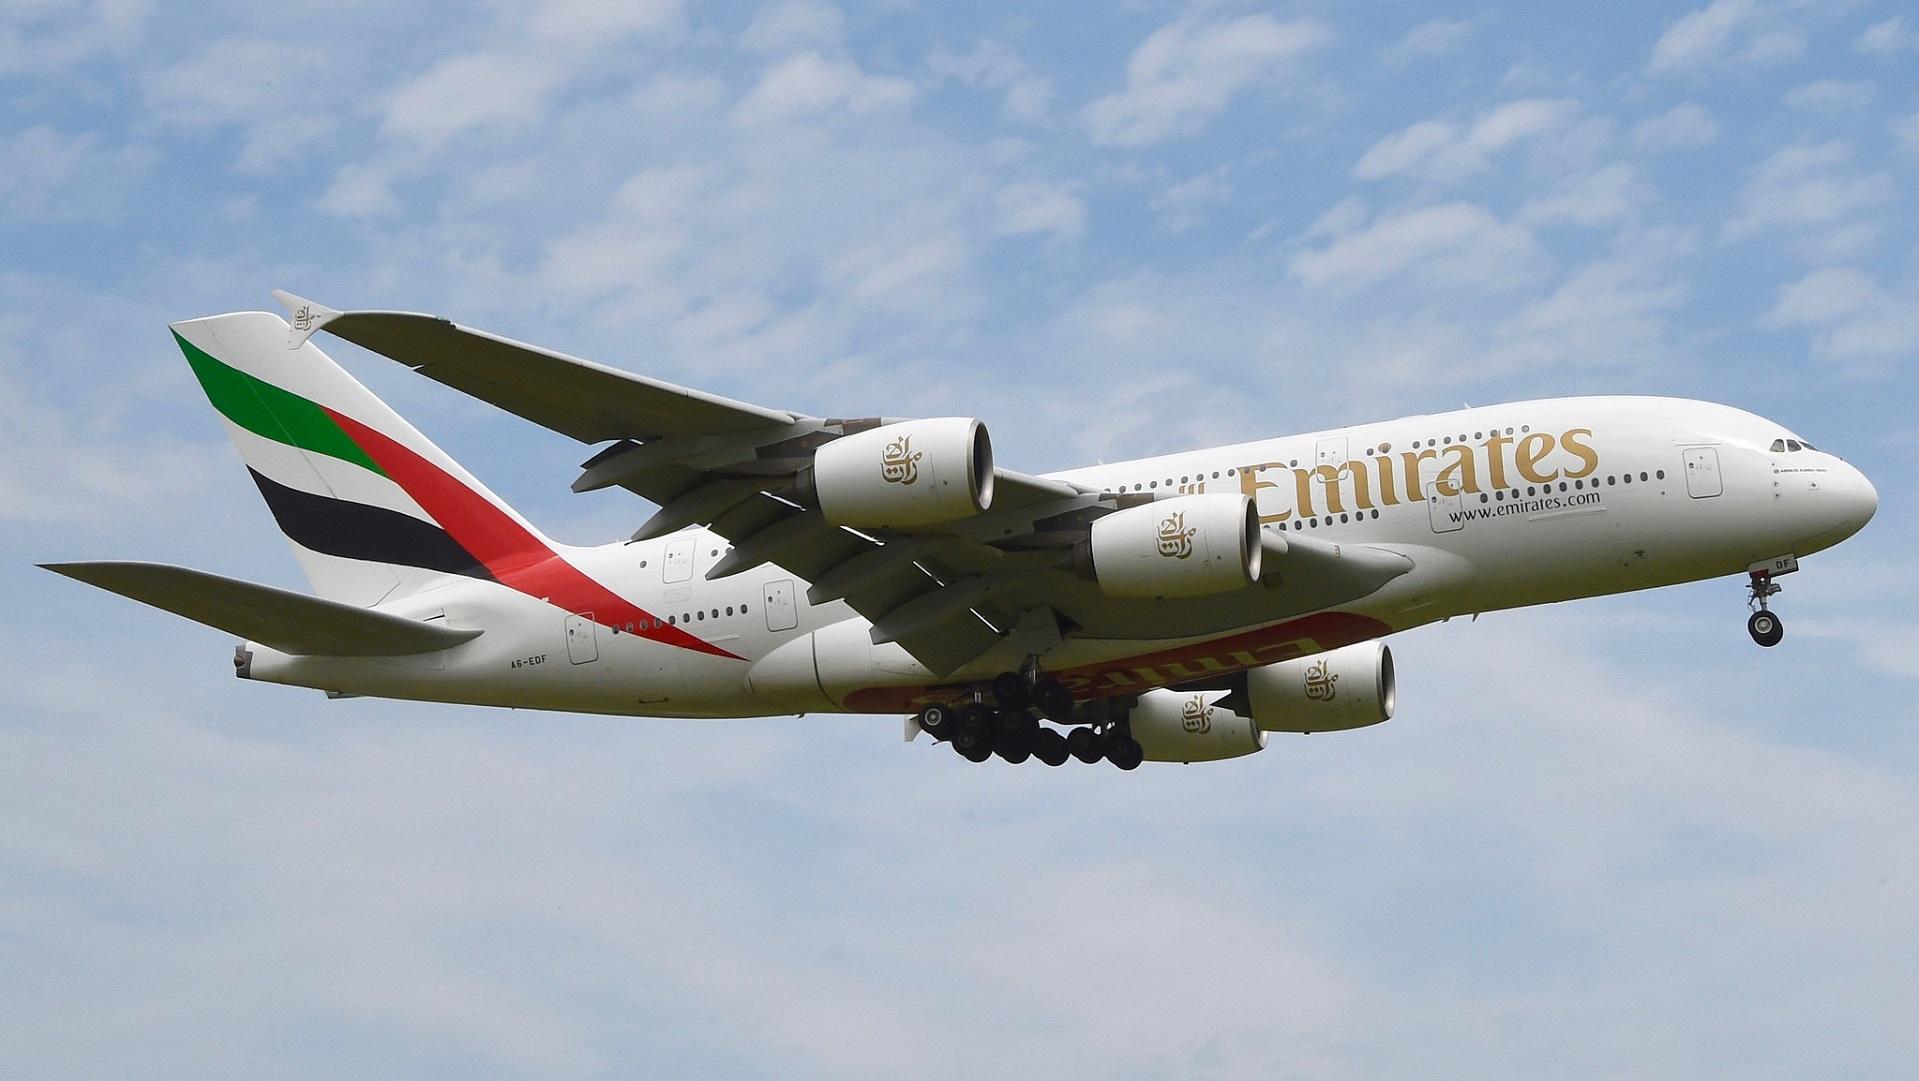 Emirates quiere que los próximos aviones no tengan ventanas